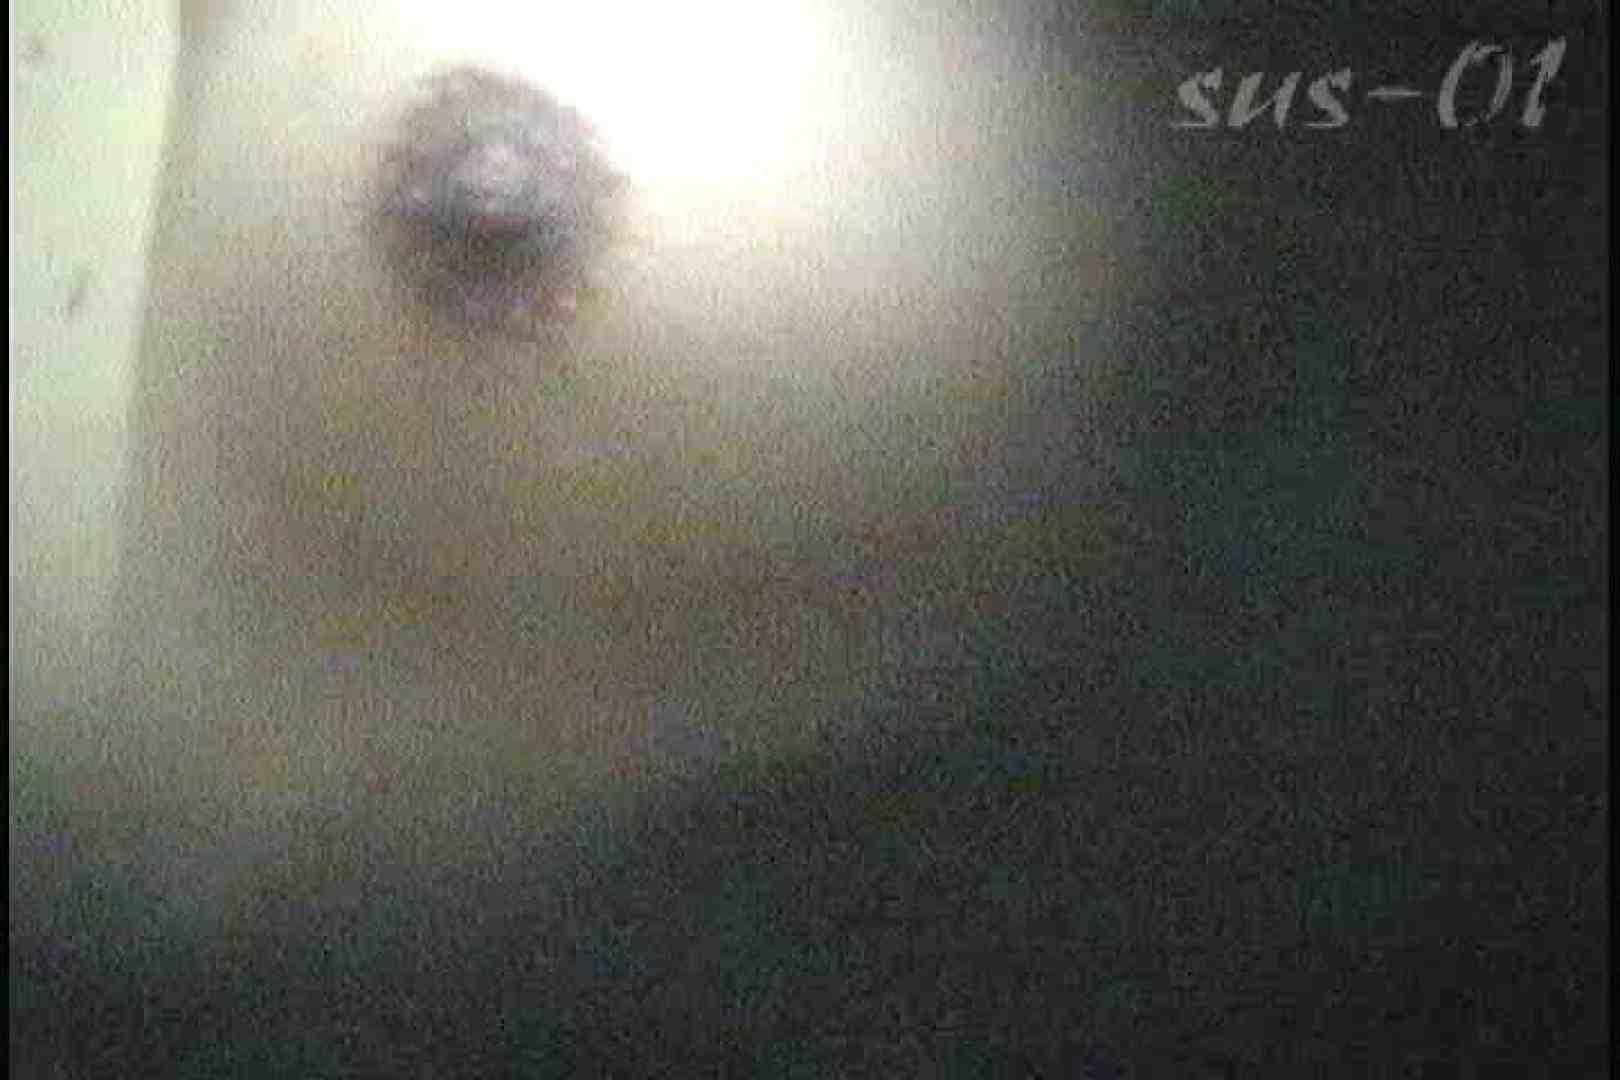 サターンさんのウル技炸裂!!夏乙女★海の家シャワー室絵巻 Vol.01 OL | シャワー中  103連発 71